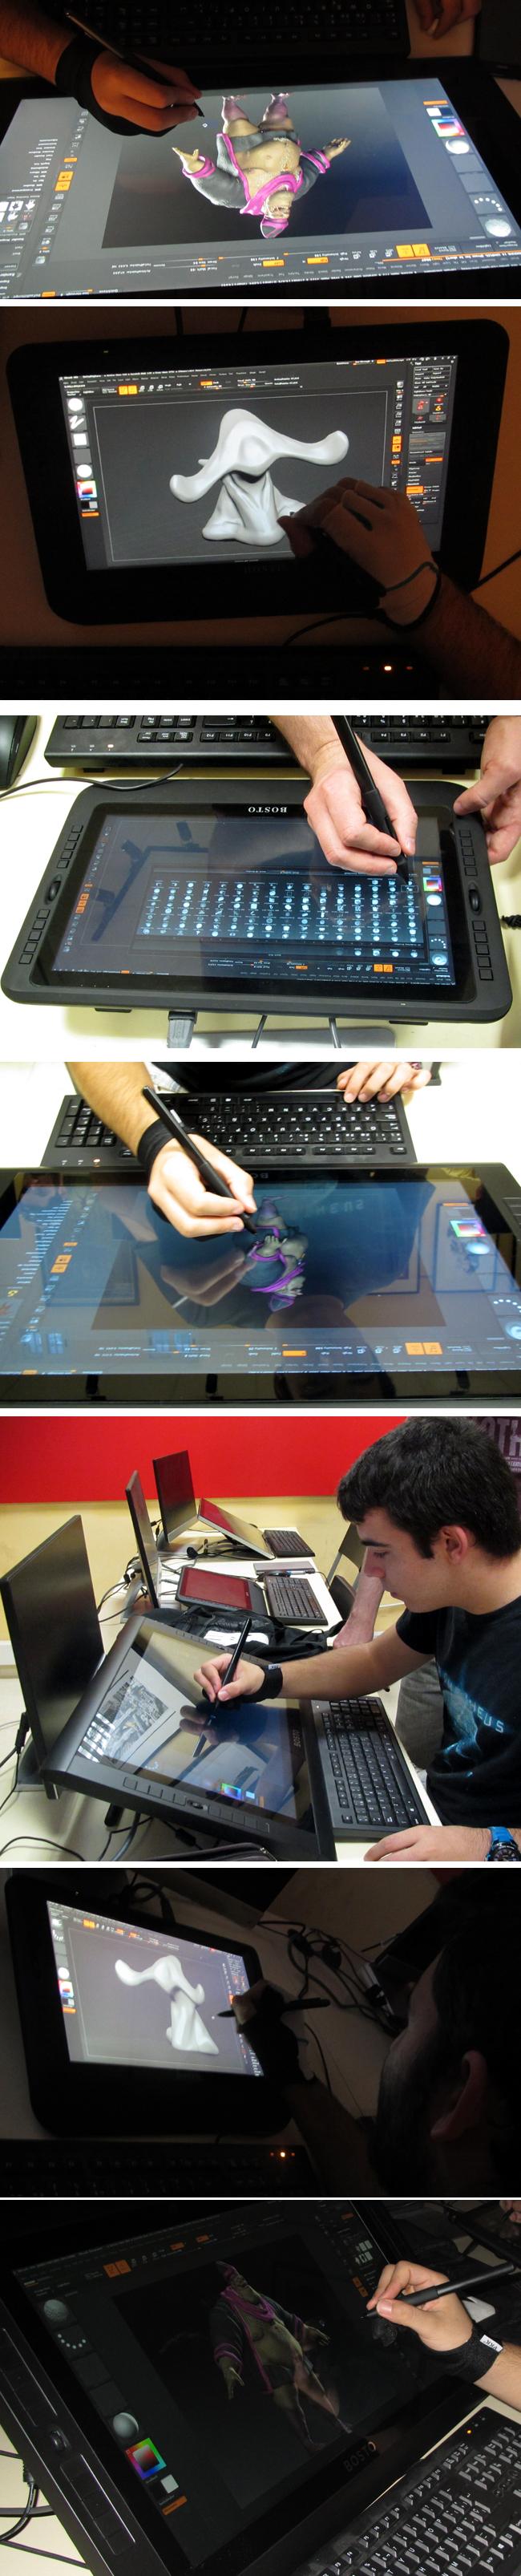 academia c10_monitores interactivos_bosto_dibujo digital_arte digital_cursos de arte dibital_zbrush